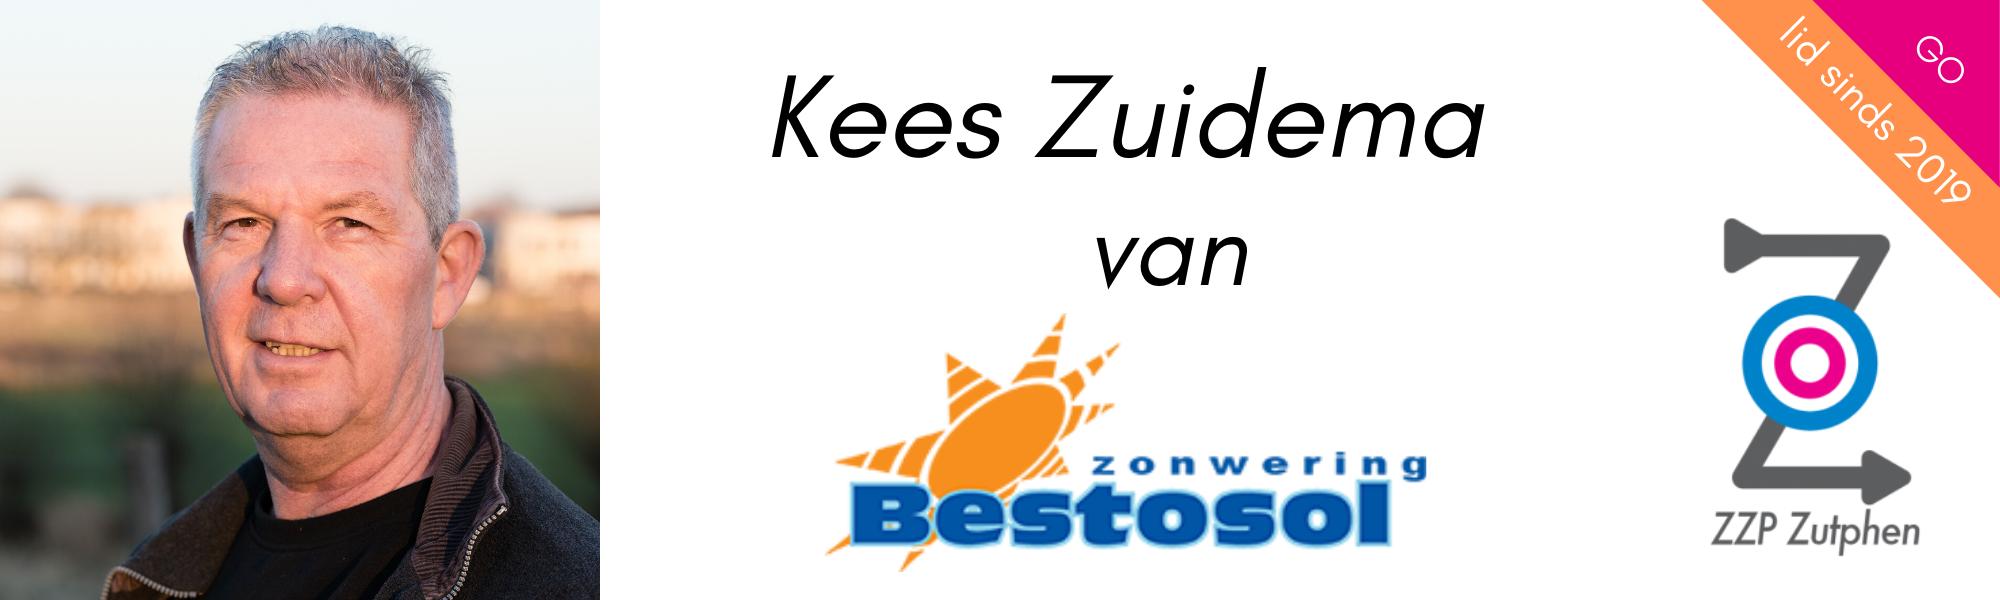 zonwering-bestosol-zutphen-specialist-in-reparatie-en-onderhoud